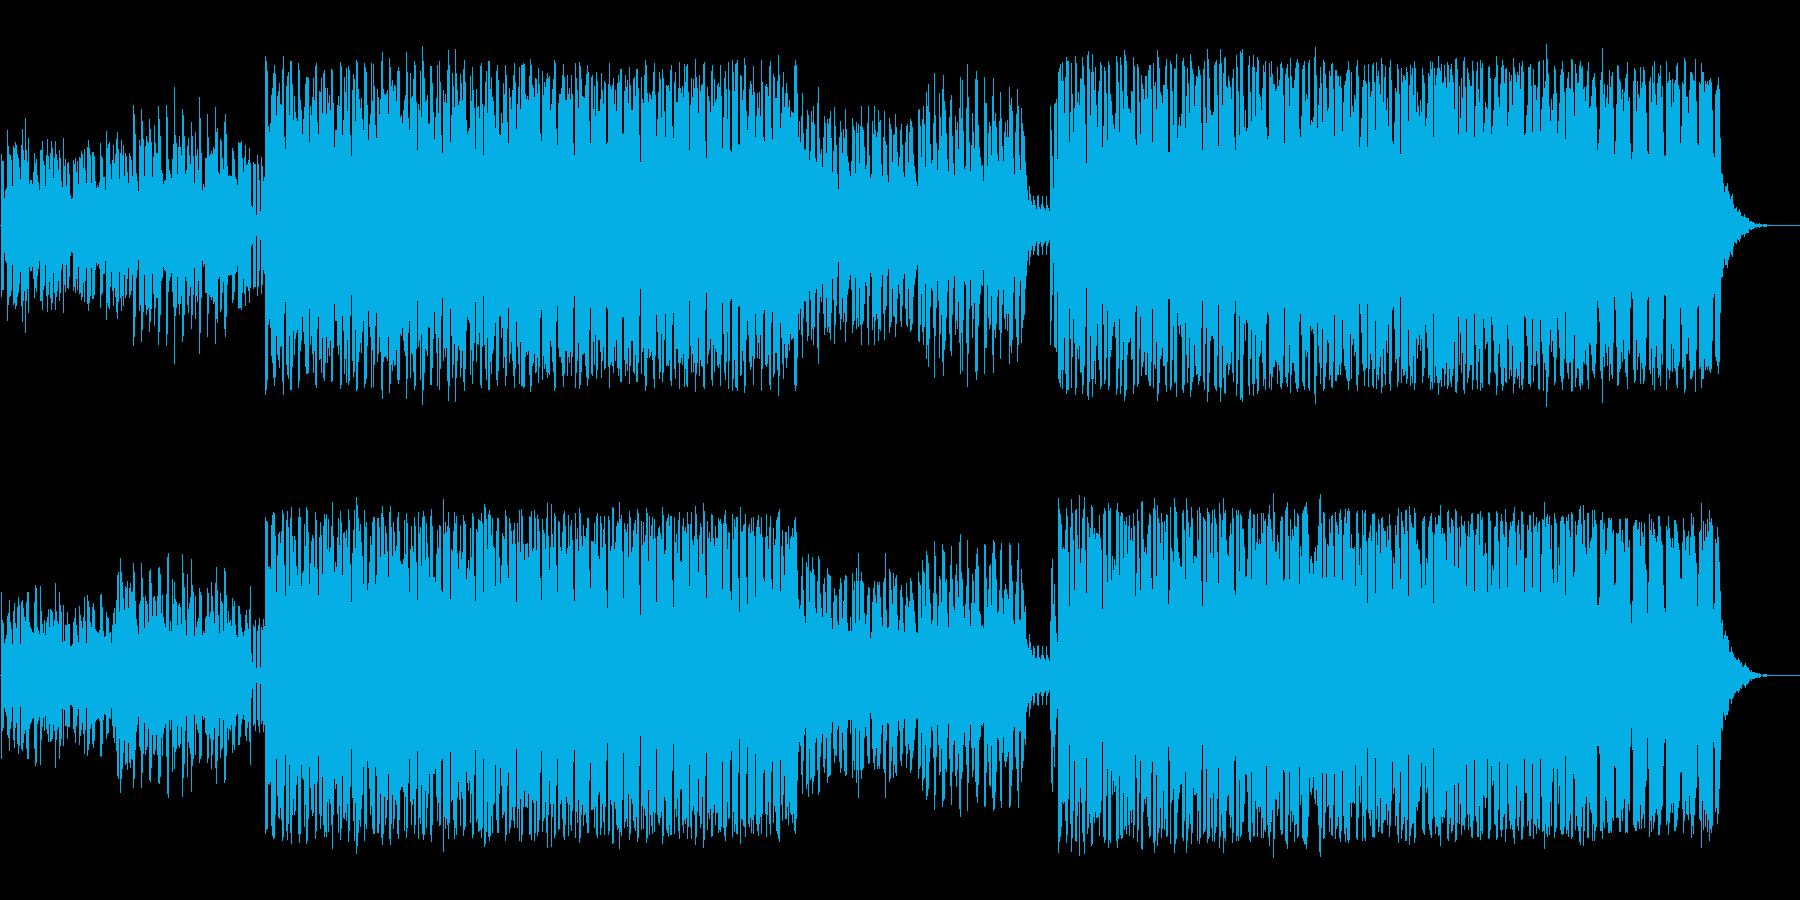 映像に最適なクールなエレクトロハウスの再生済みの波形